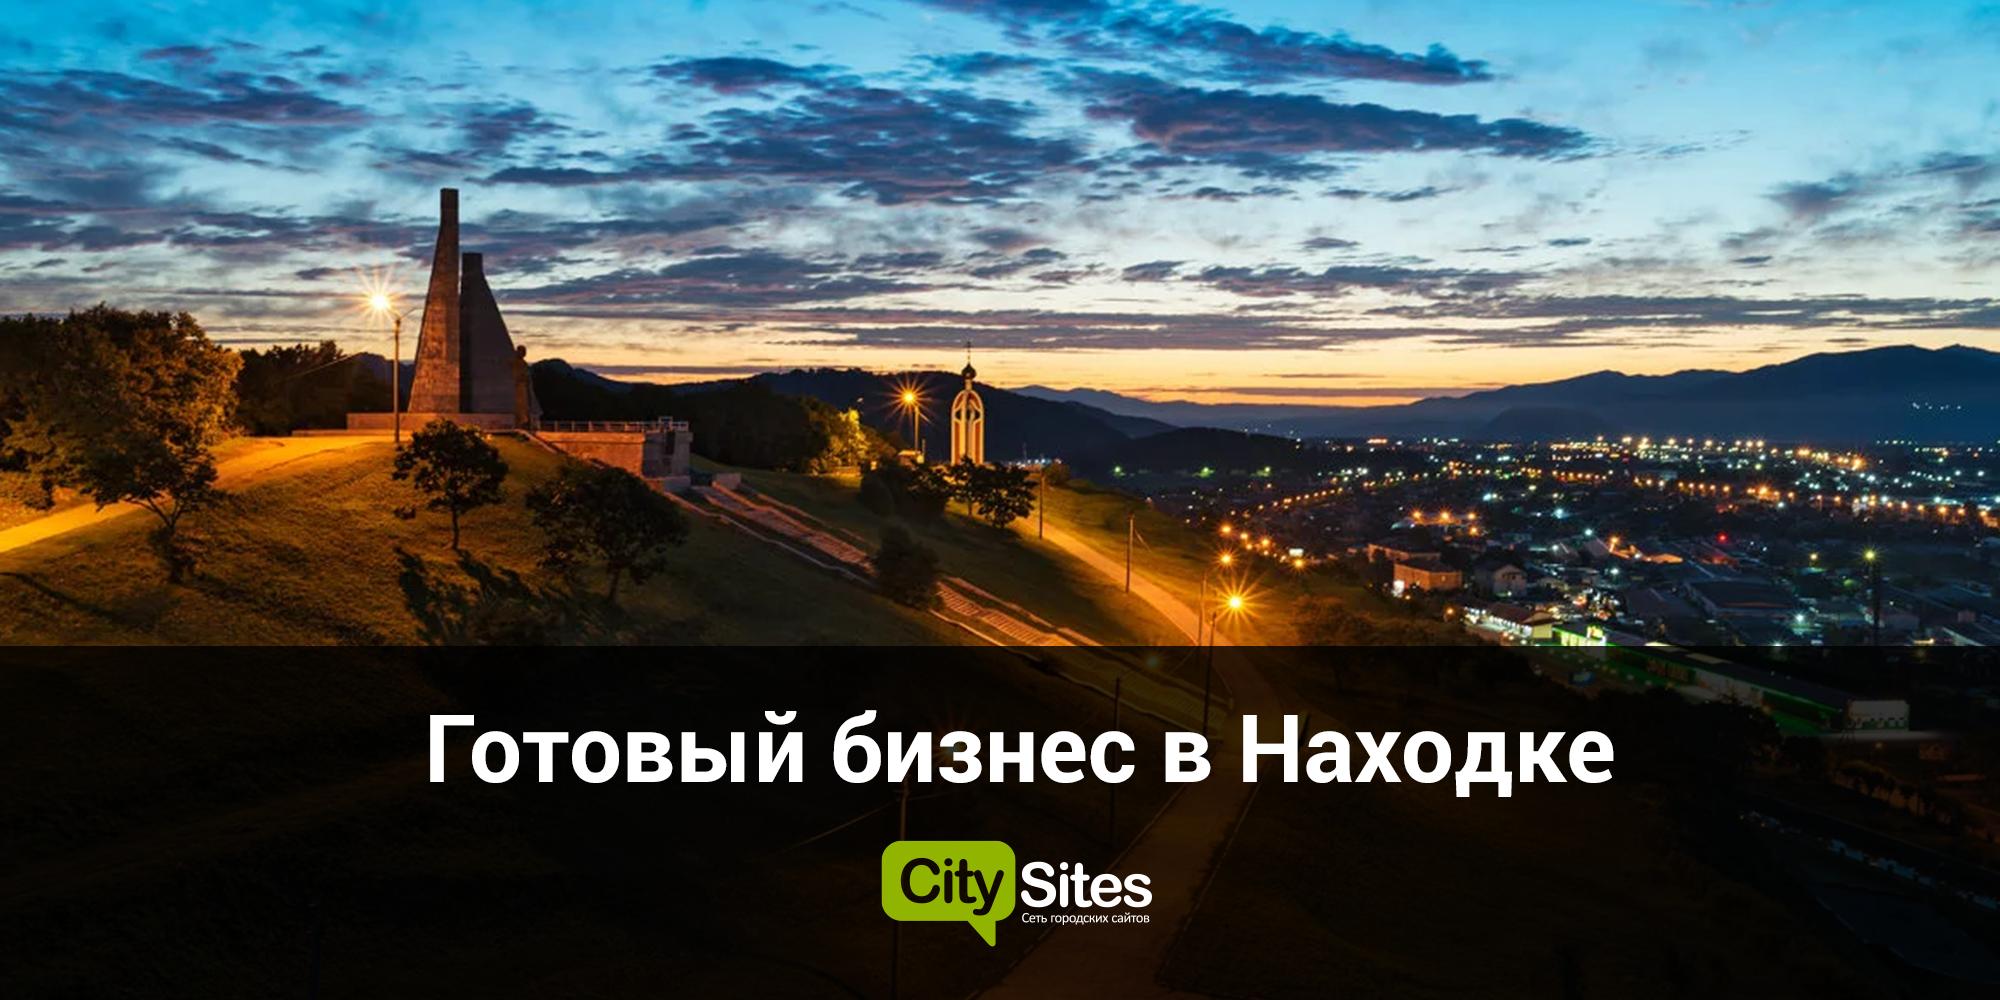 Недорогой готовый бизнес в Находке от CitySites